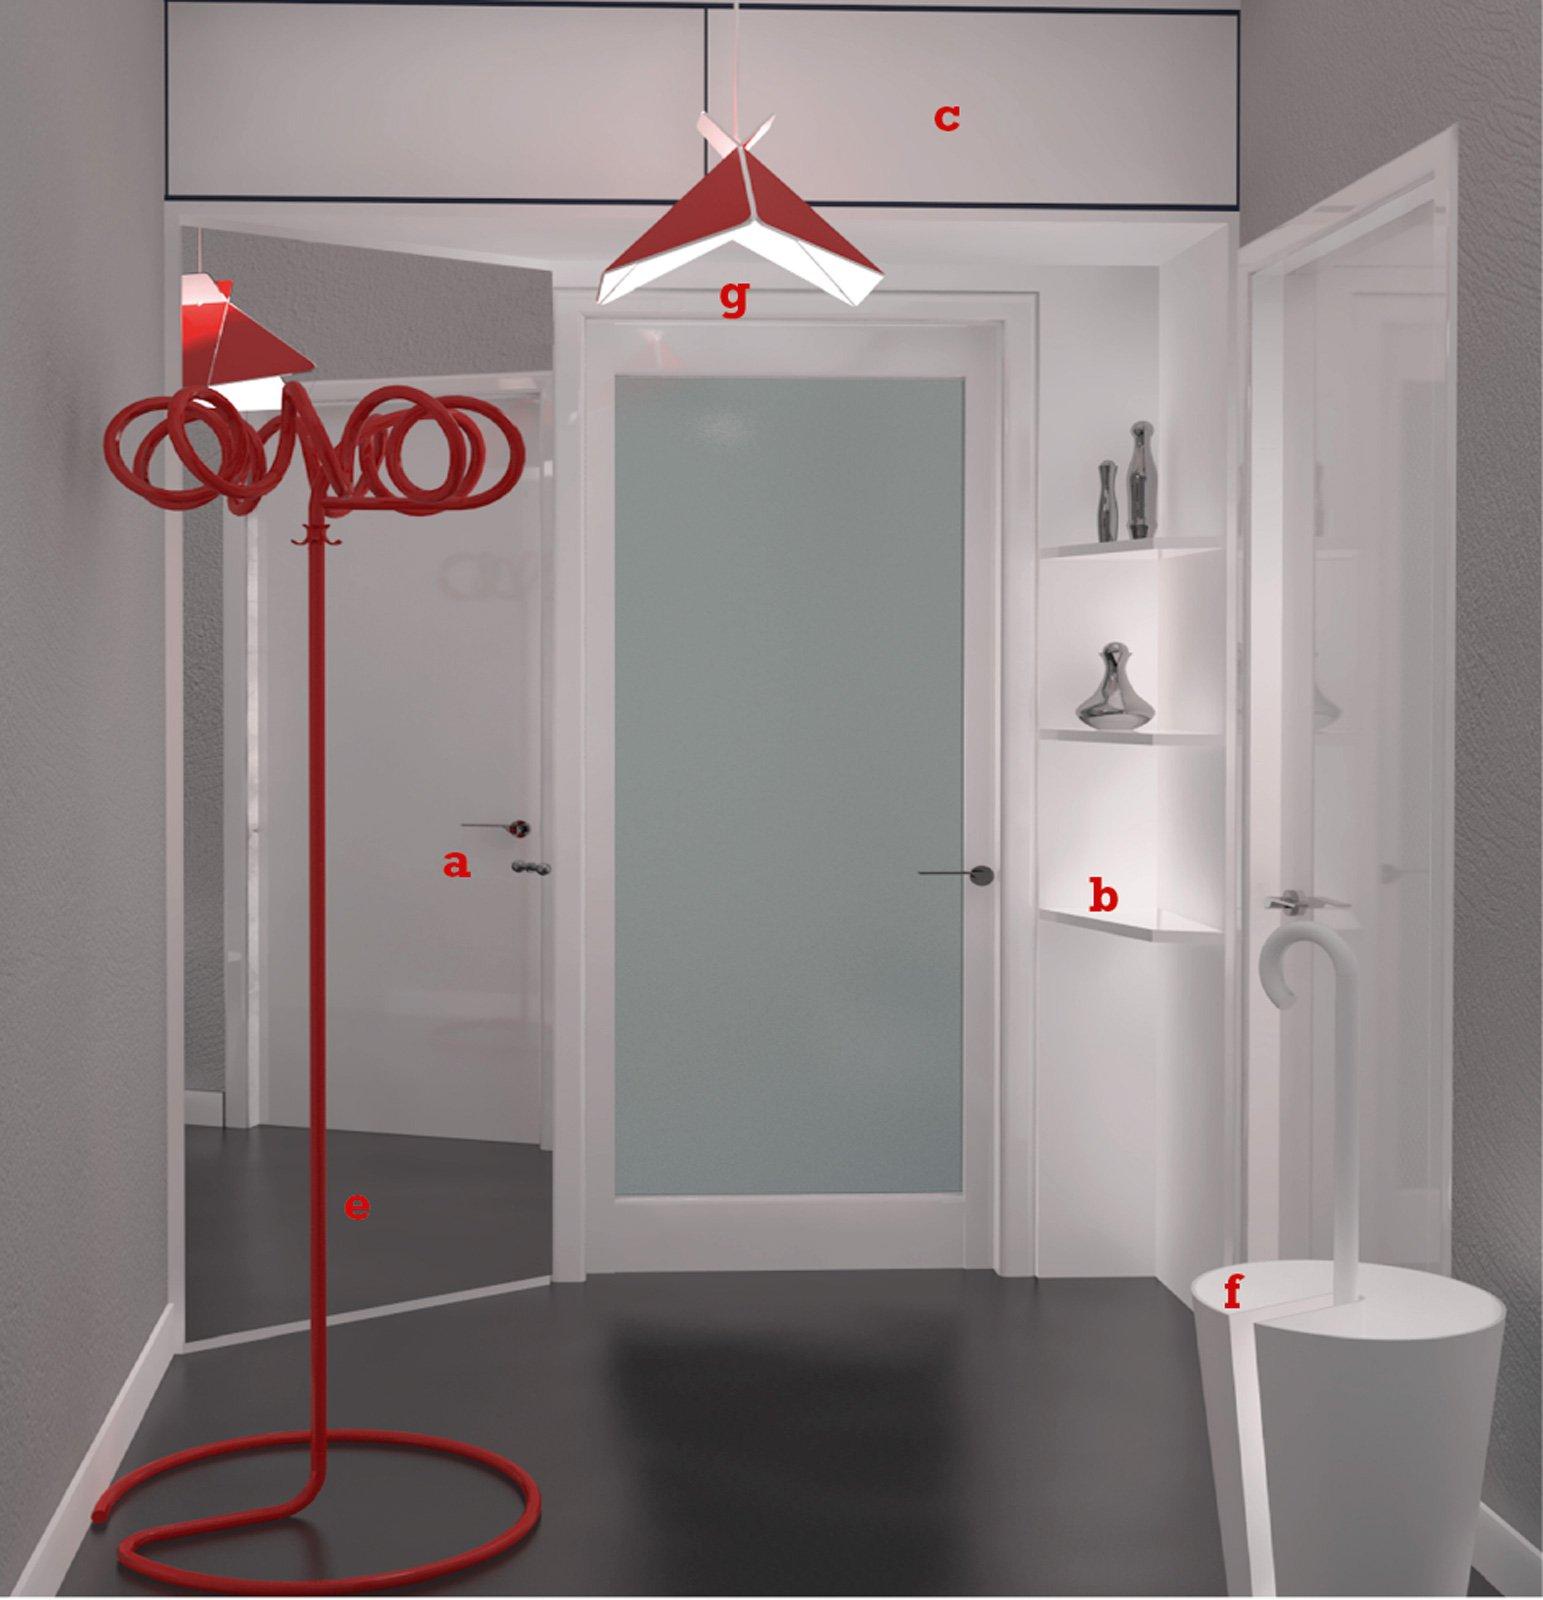 Dimensioni Porta Ingresso Casa arredare l'ingresso a seconda della forma - cose di casa